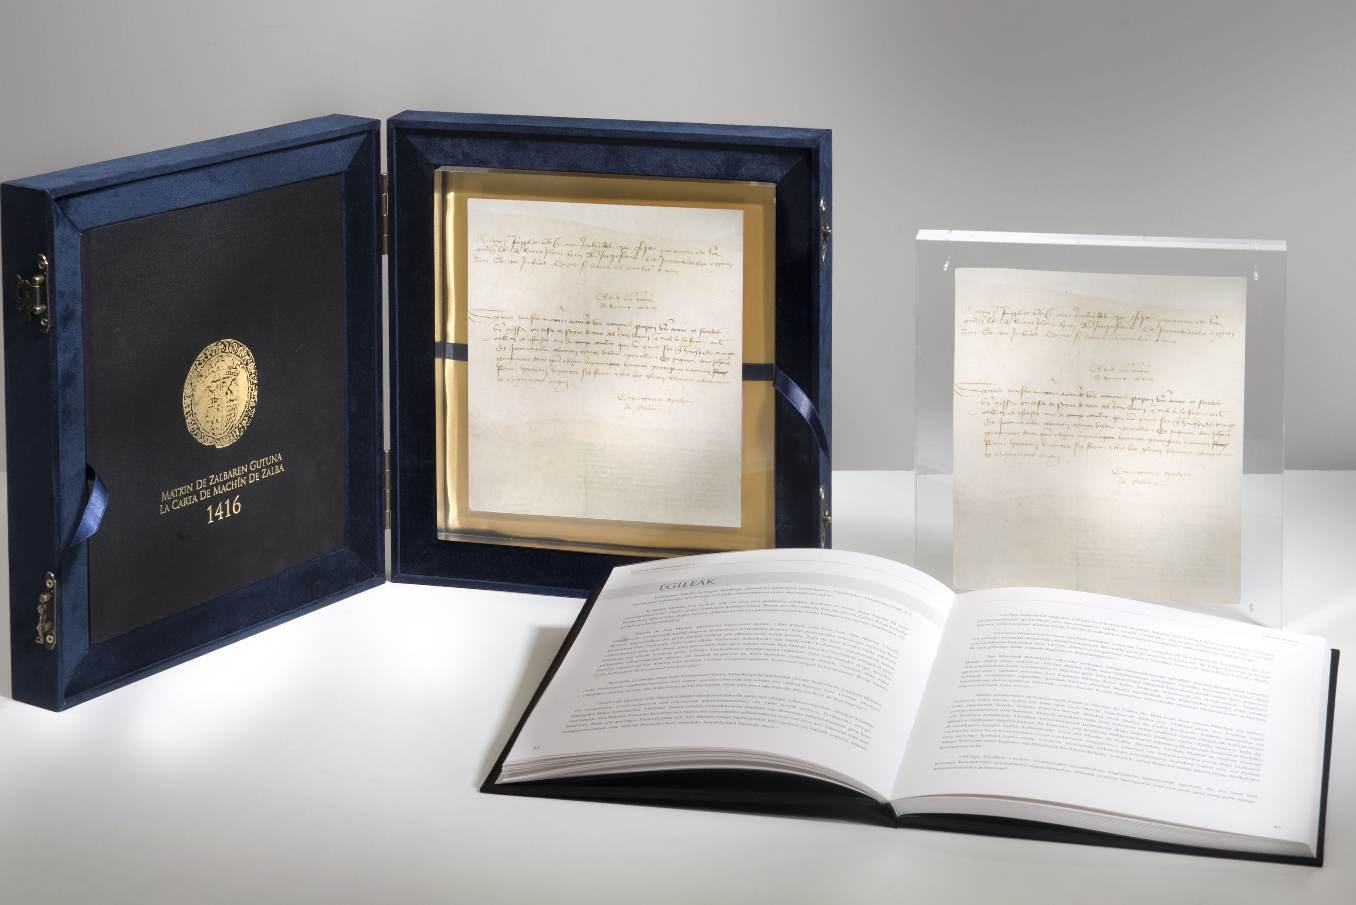 Une lettre en basque datée de 1416 parmi les publications de l'éditeur Mintzoa